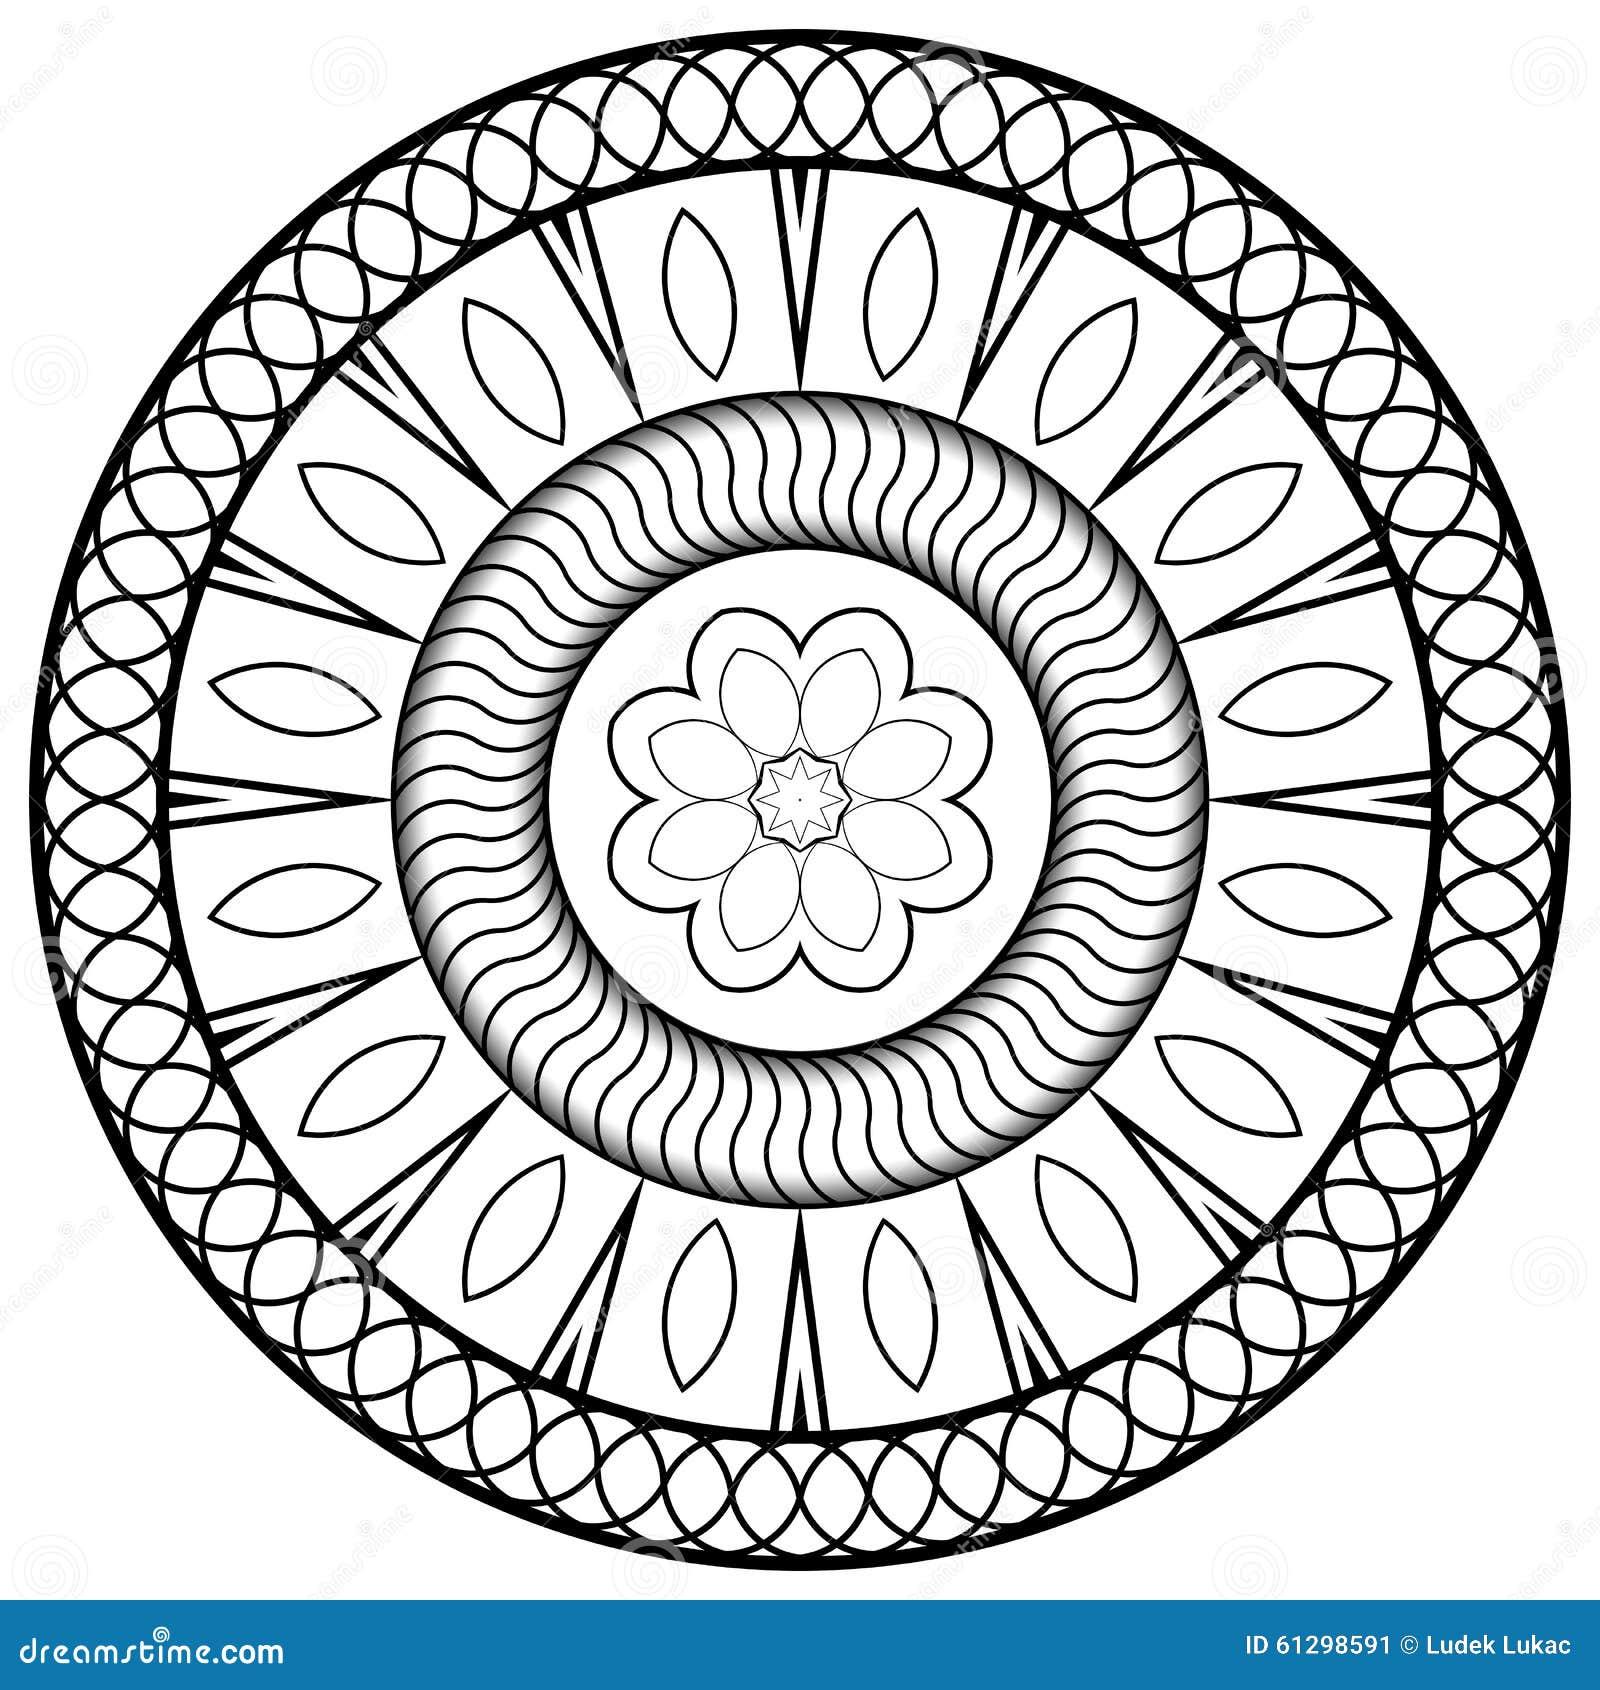 mandala for children stock illustration illustration of